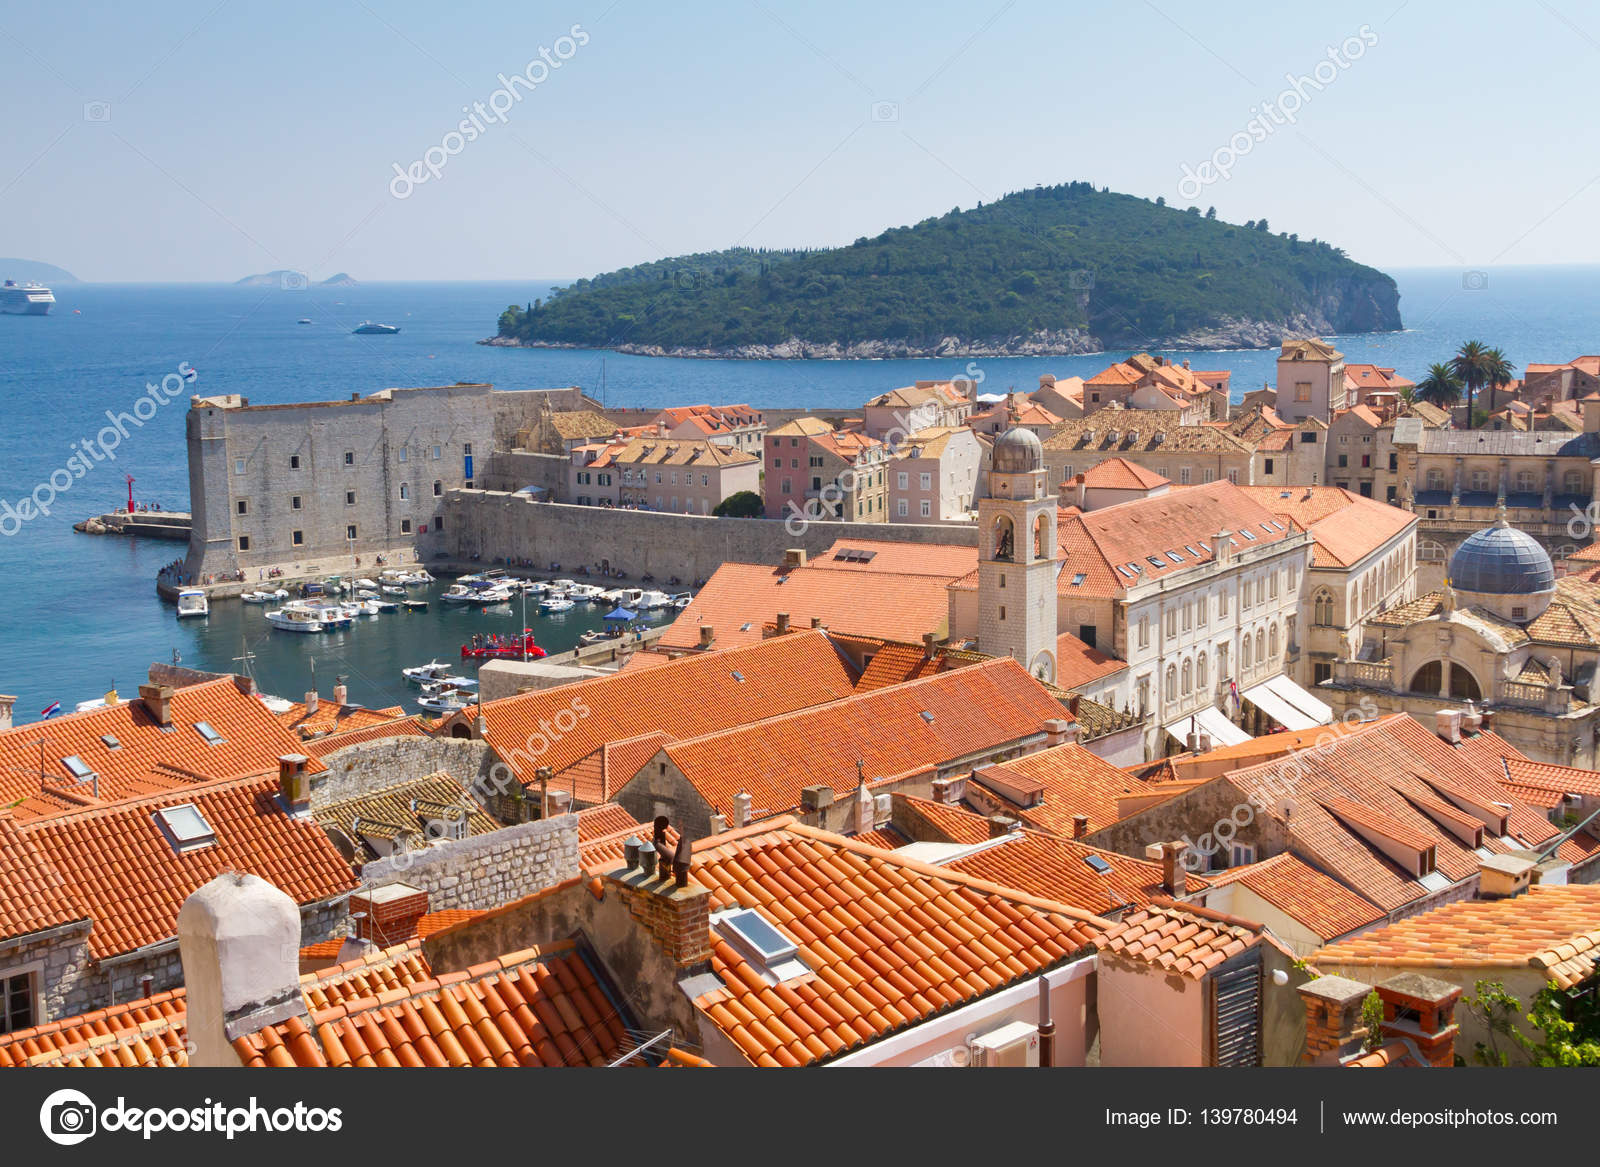 Luchtfoto van oude dubrovnik met rode tegel daken u stockfoto